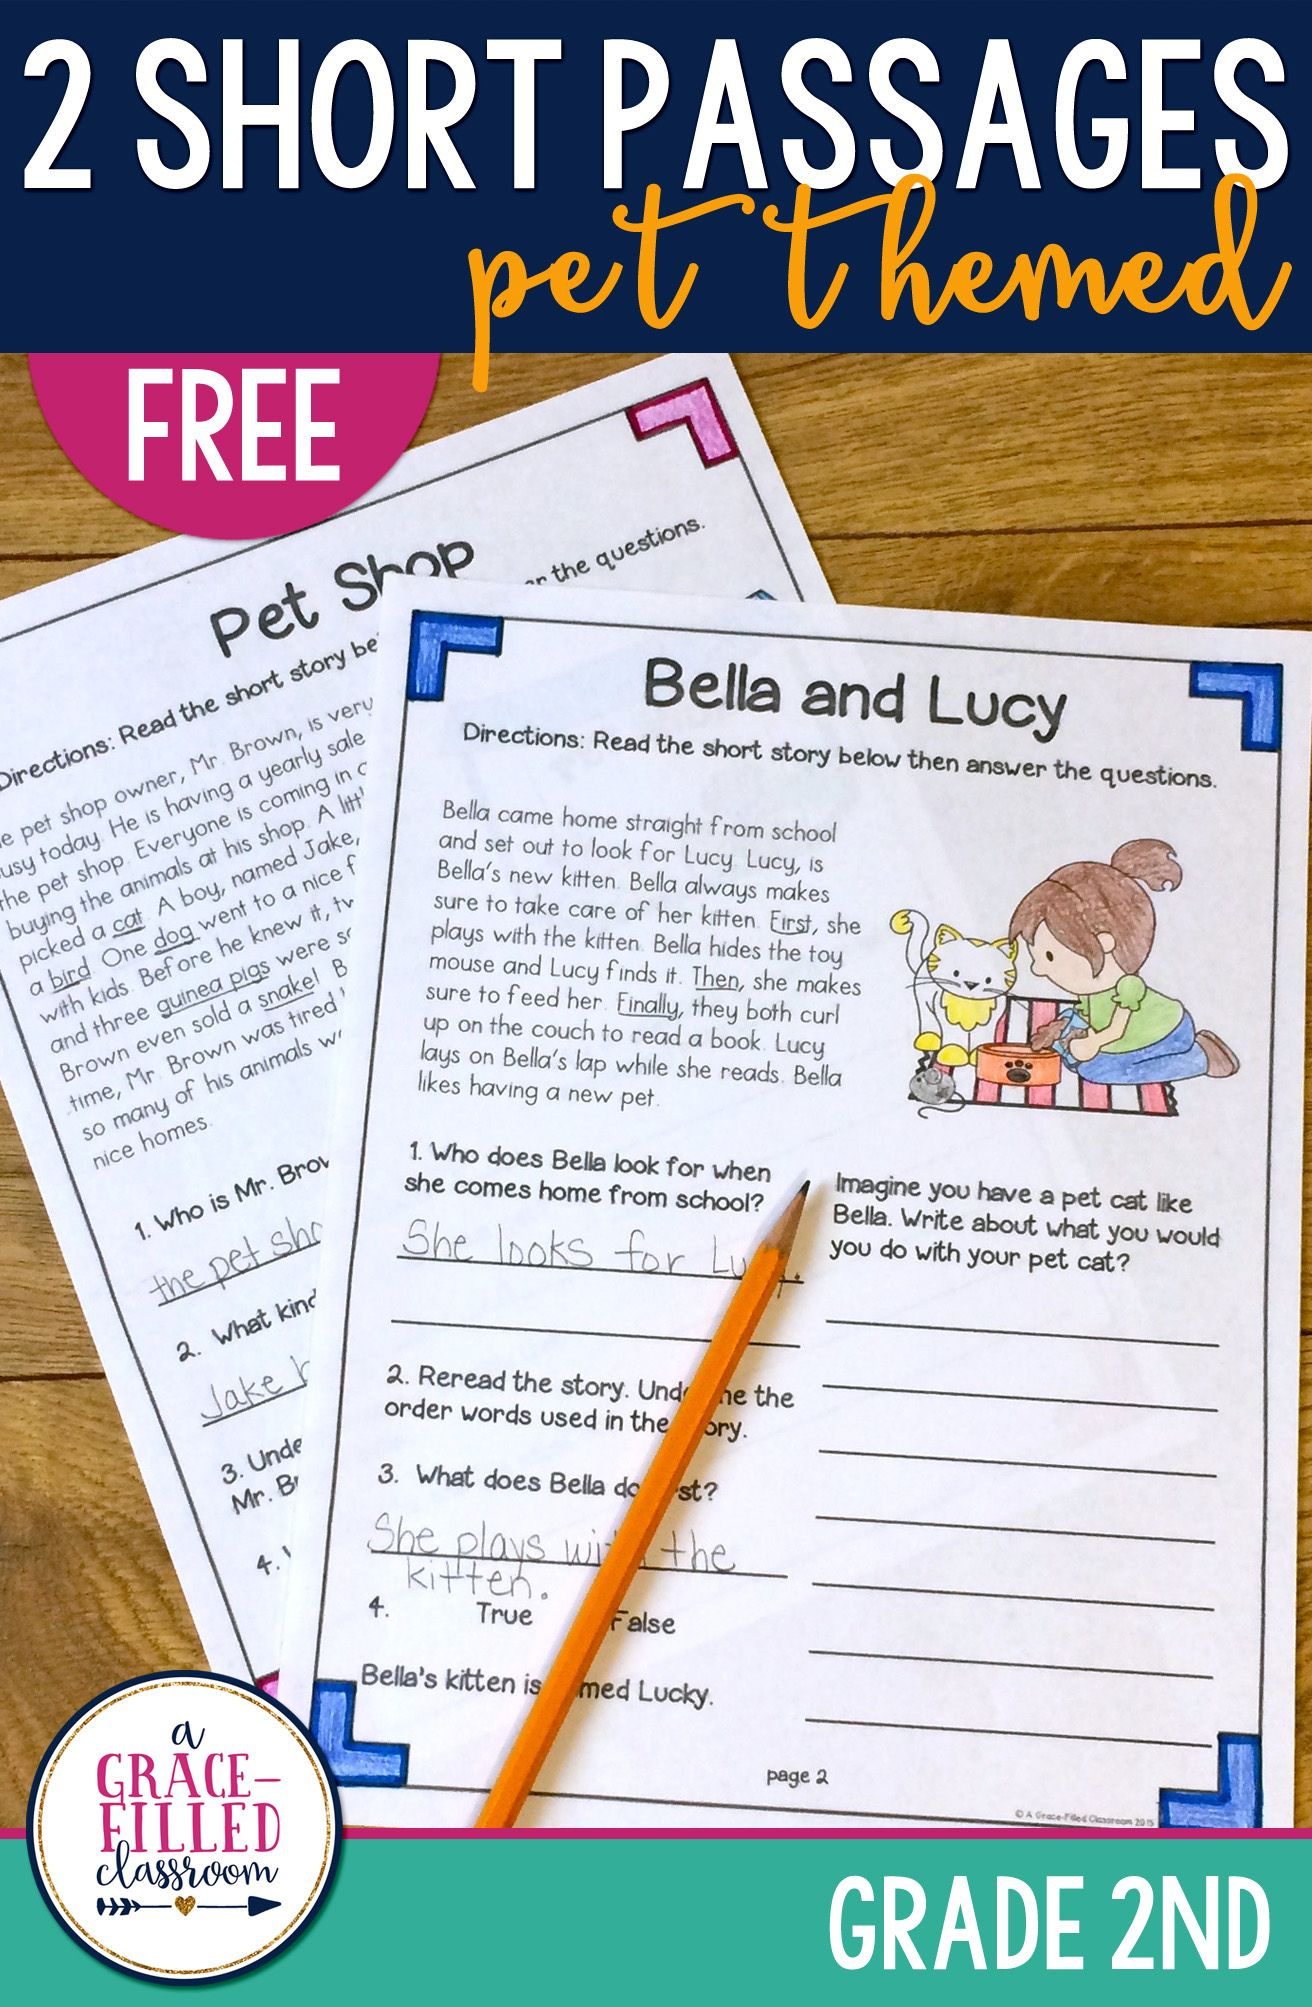 Fiction And Nonfiction Pet Passages Free